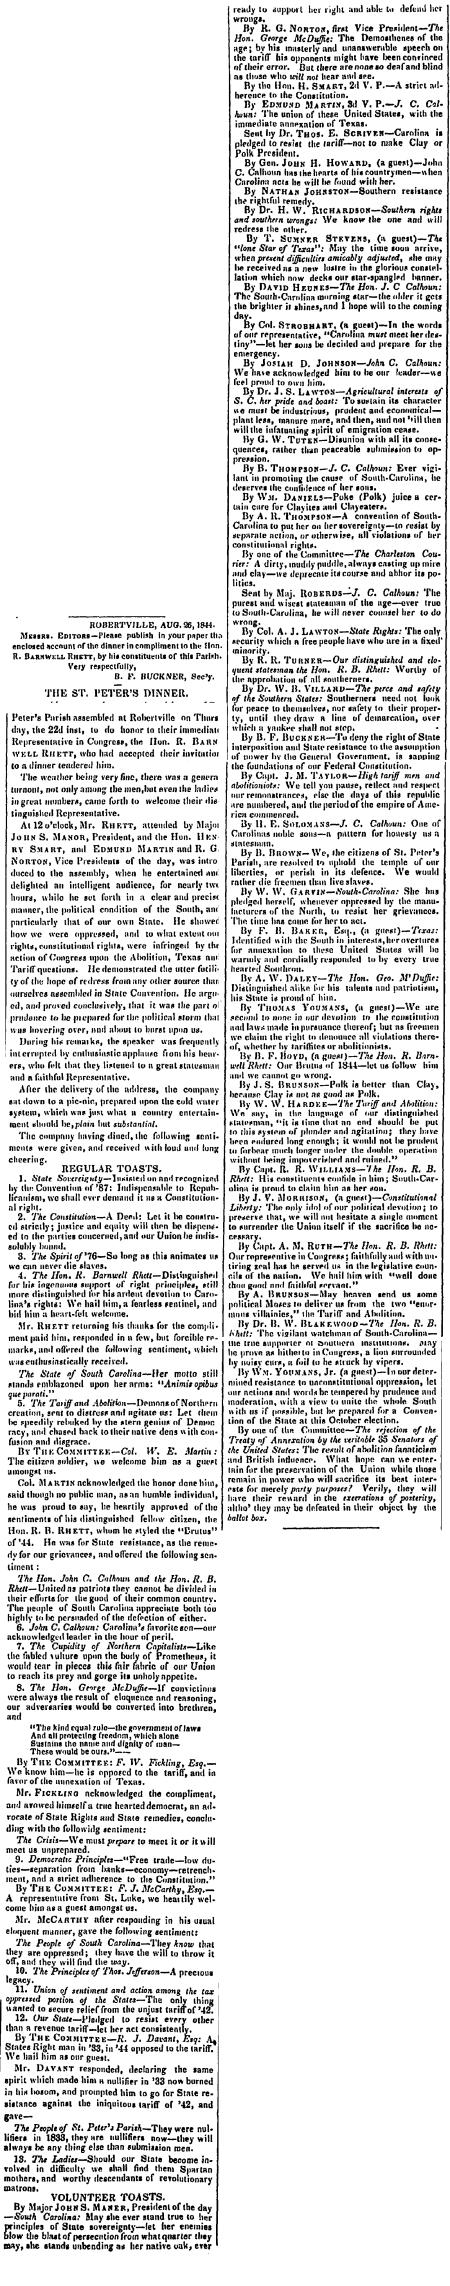 Charleston_Courier_1844-08-31_[2]